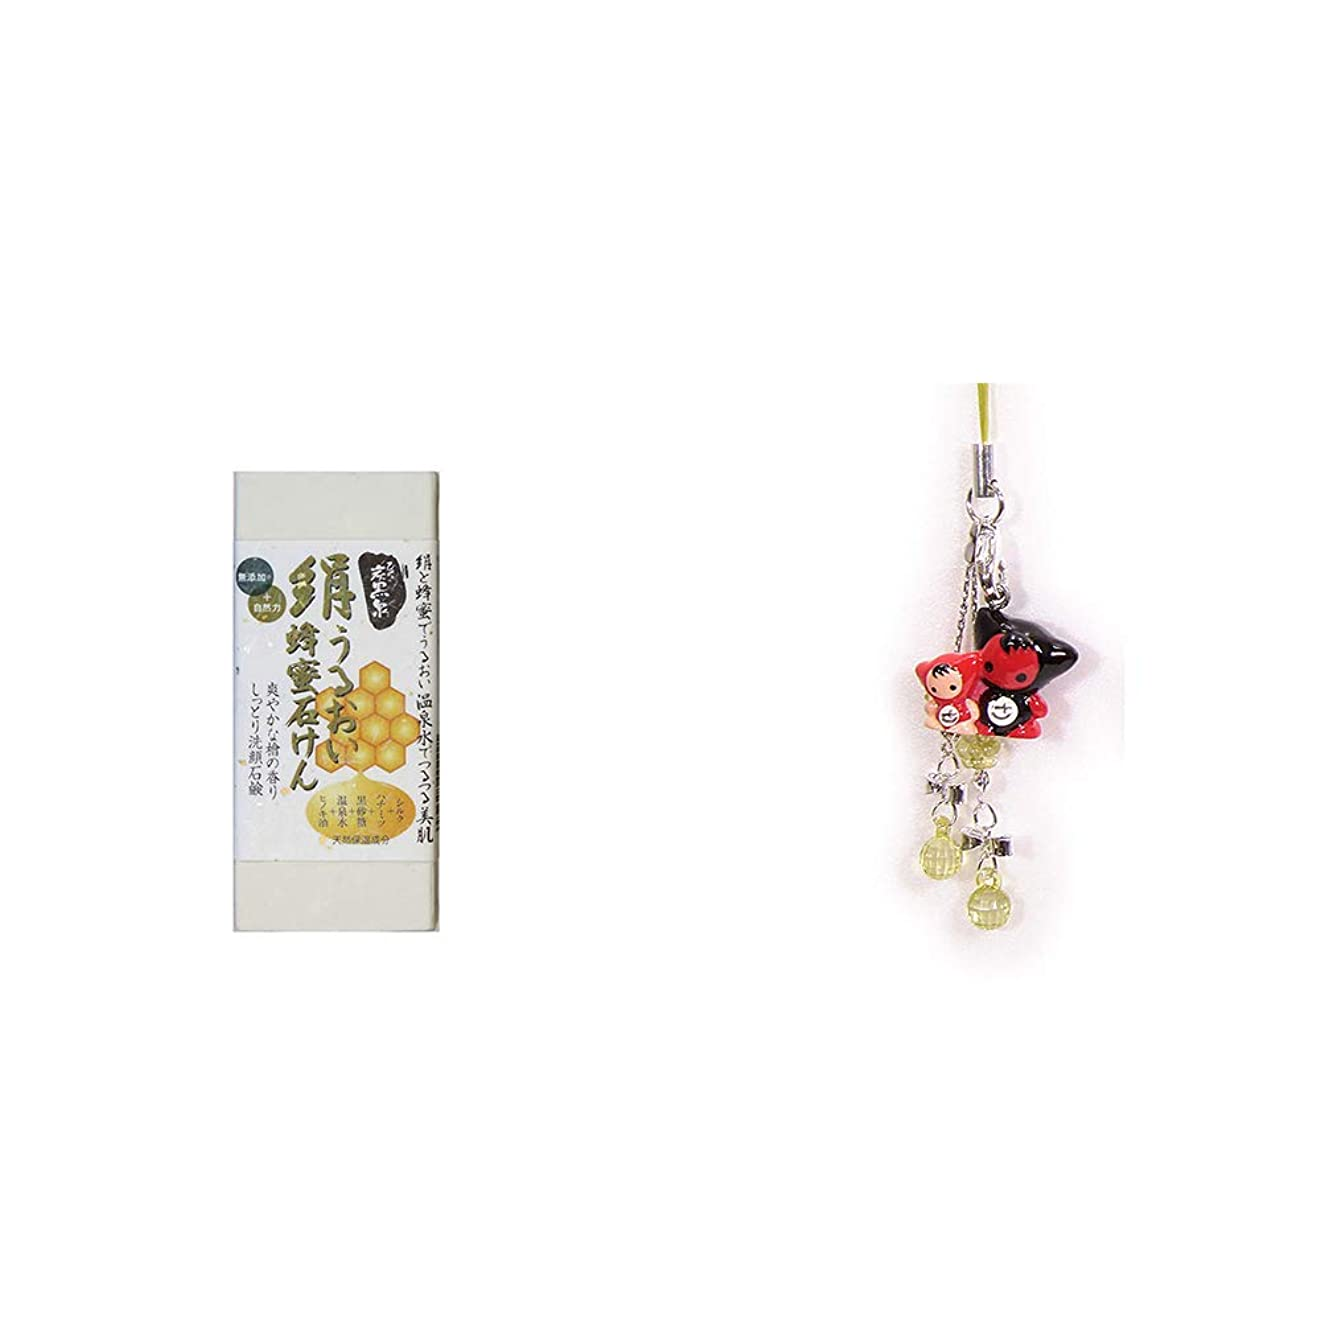 読みやすさオリエンテーション繰り返し[2点セット] ひのき炭黒泉 絹うるおい蜂蜜石けん(75g×2)?さるぼぼペアビーズストラップ 【緑】/縁結び?魔除け//